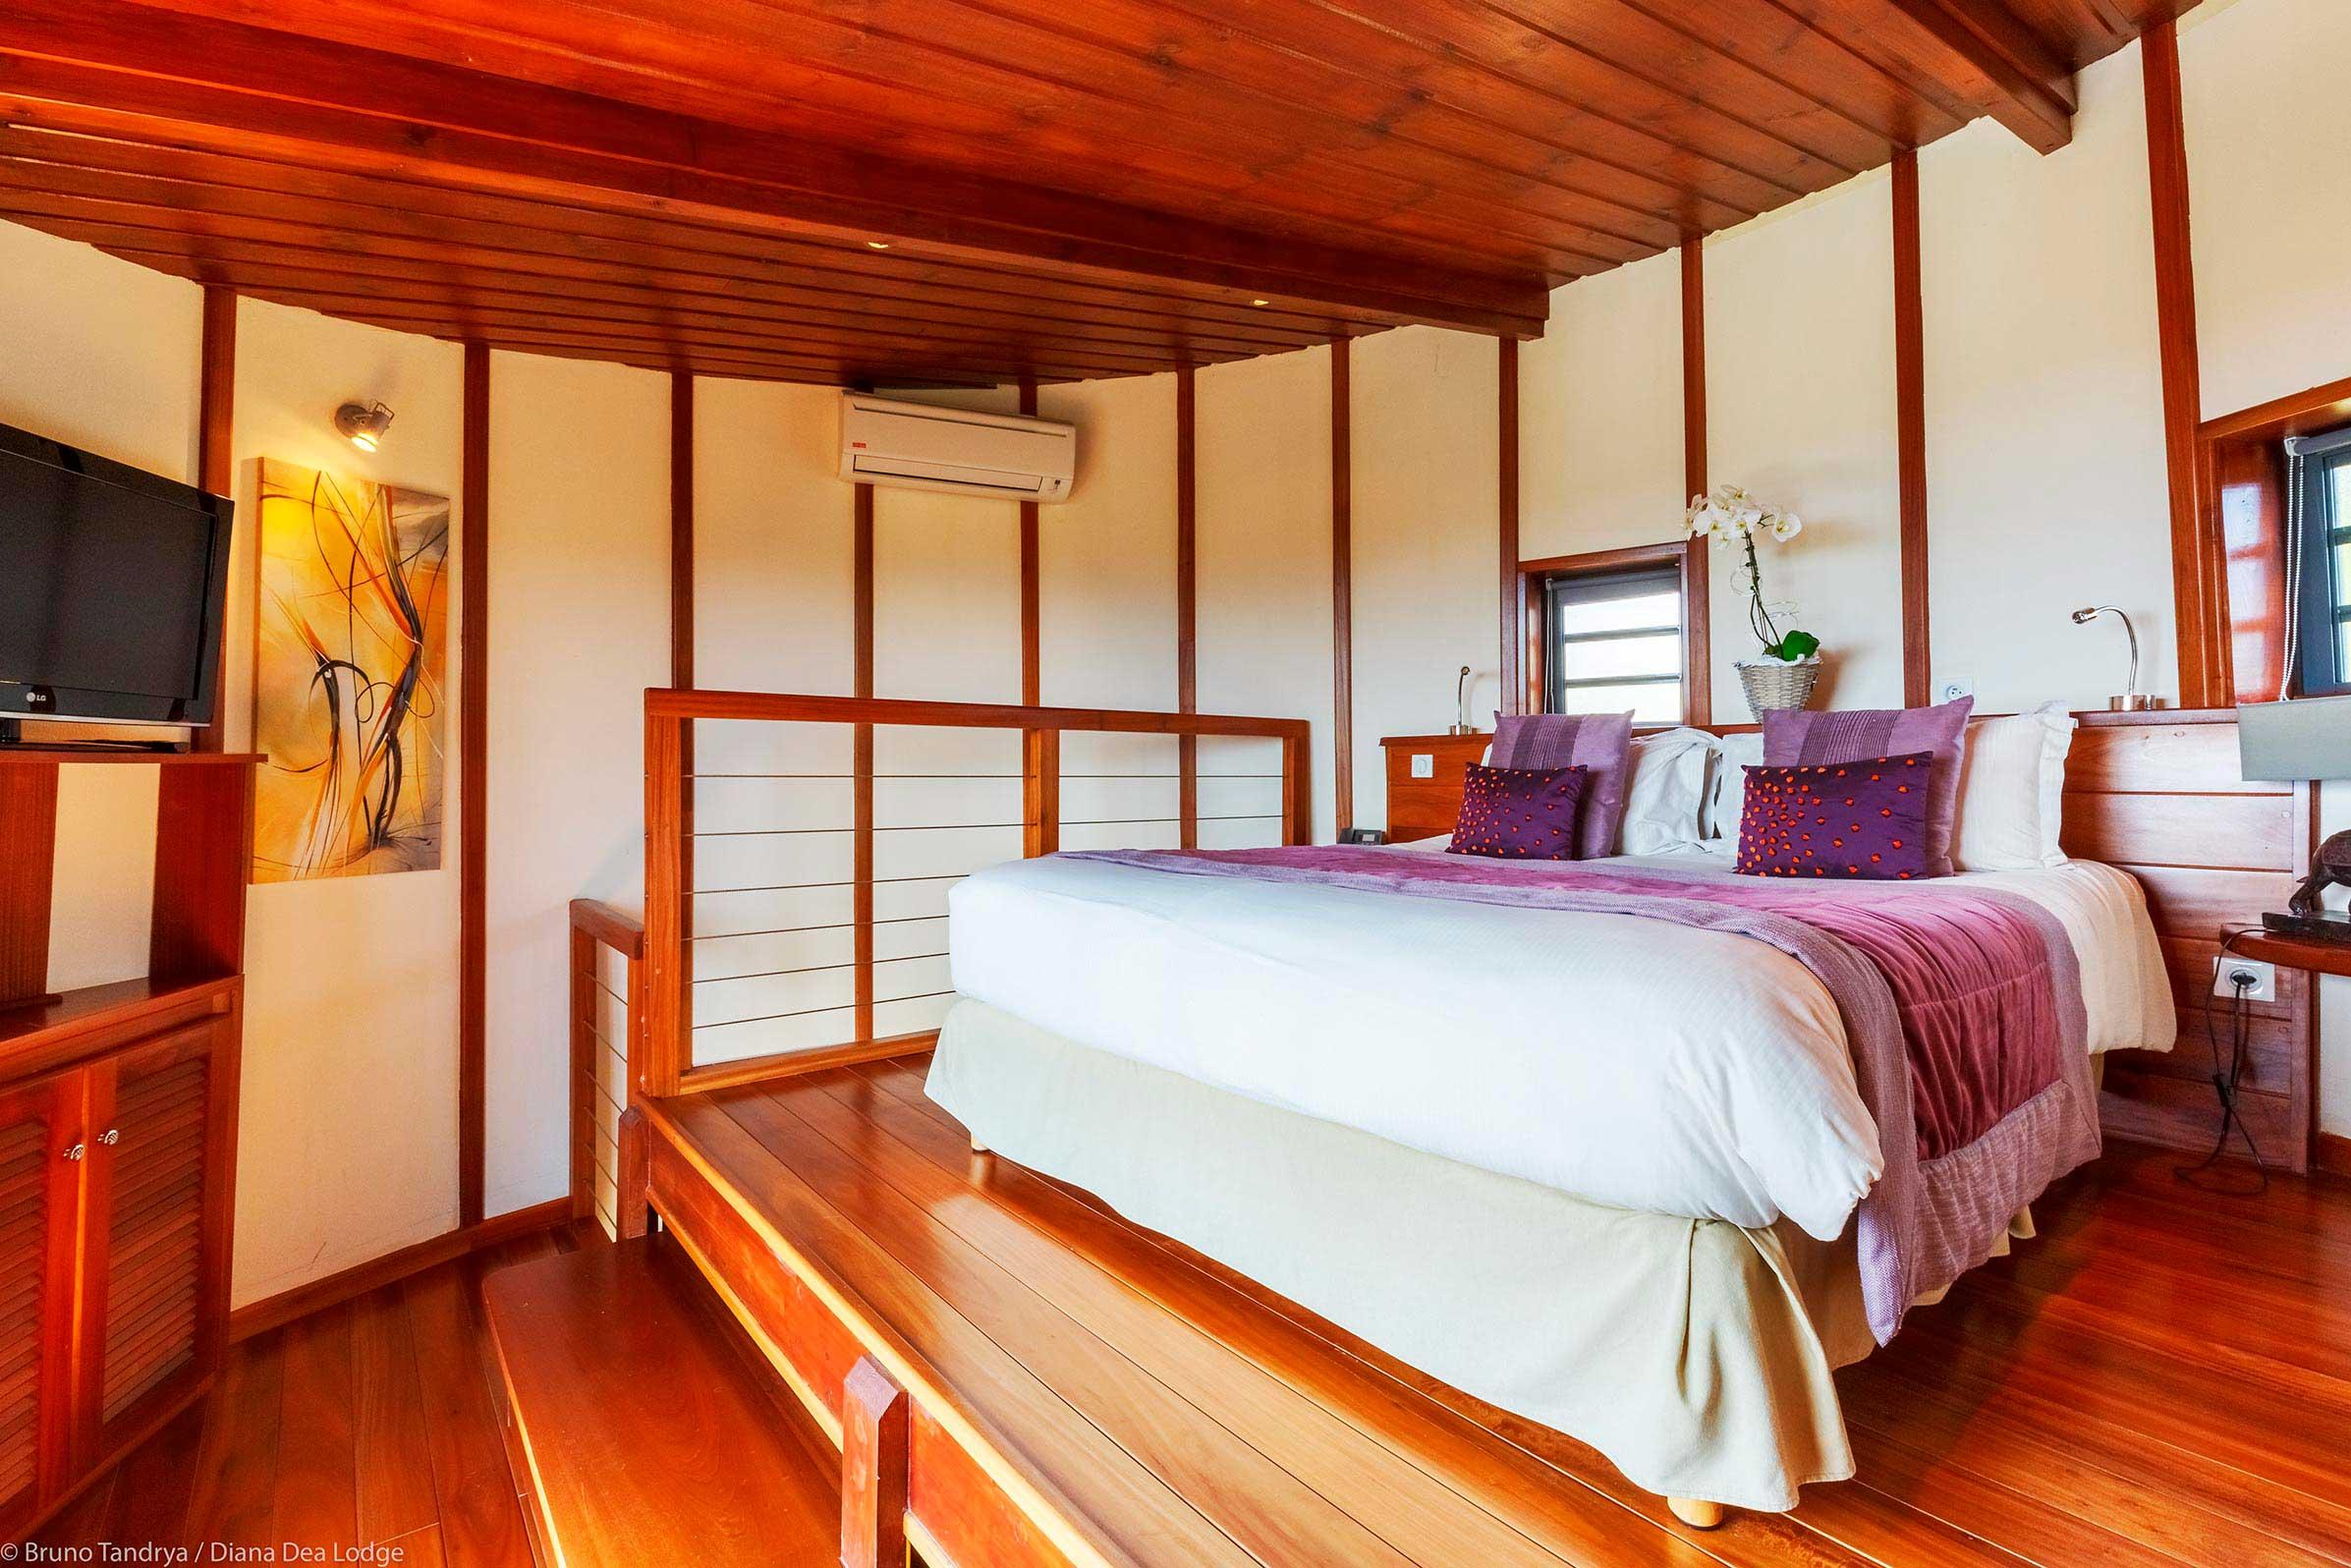 HOCHZEITSSUITE Hôtel Diana Dea Lodge - Whirlpool im wohnzimmer